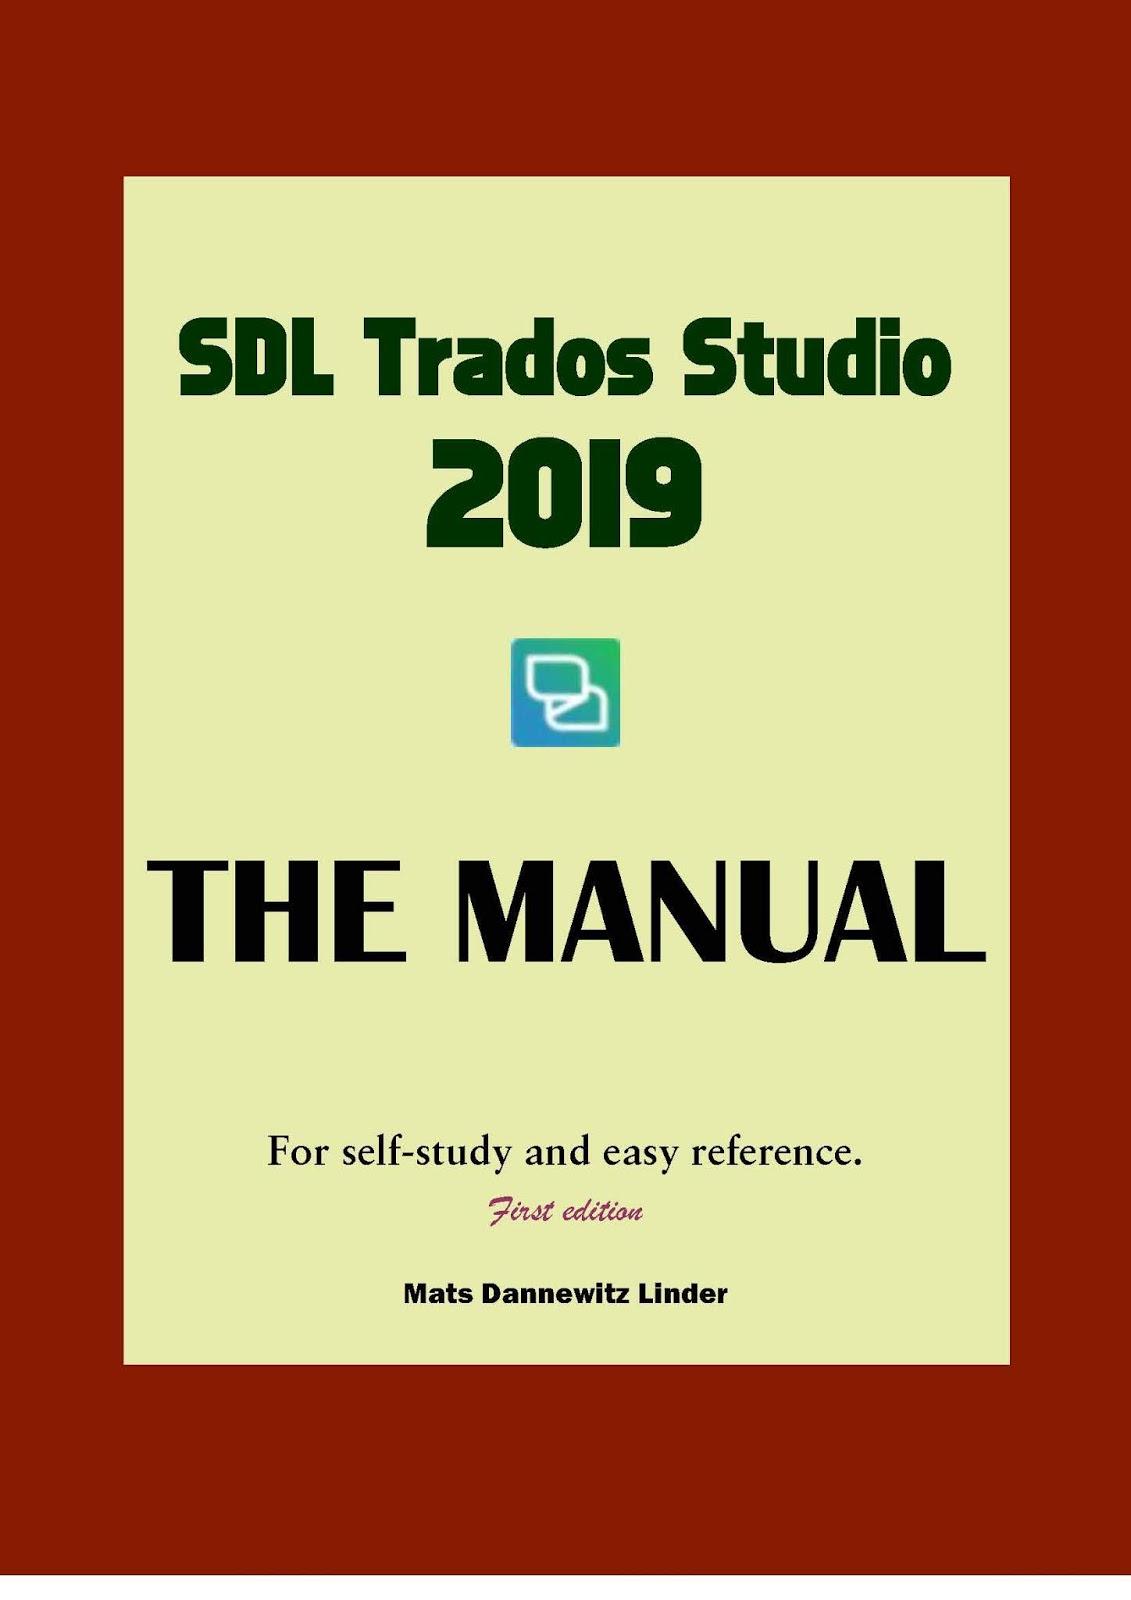 SDL Trados Studio Manual 2019 - Just Published